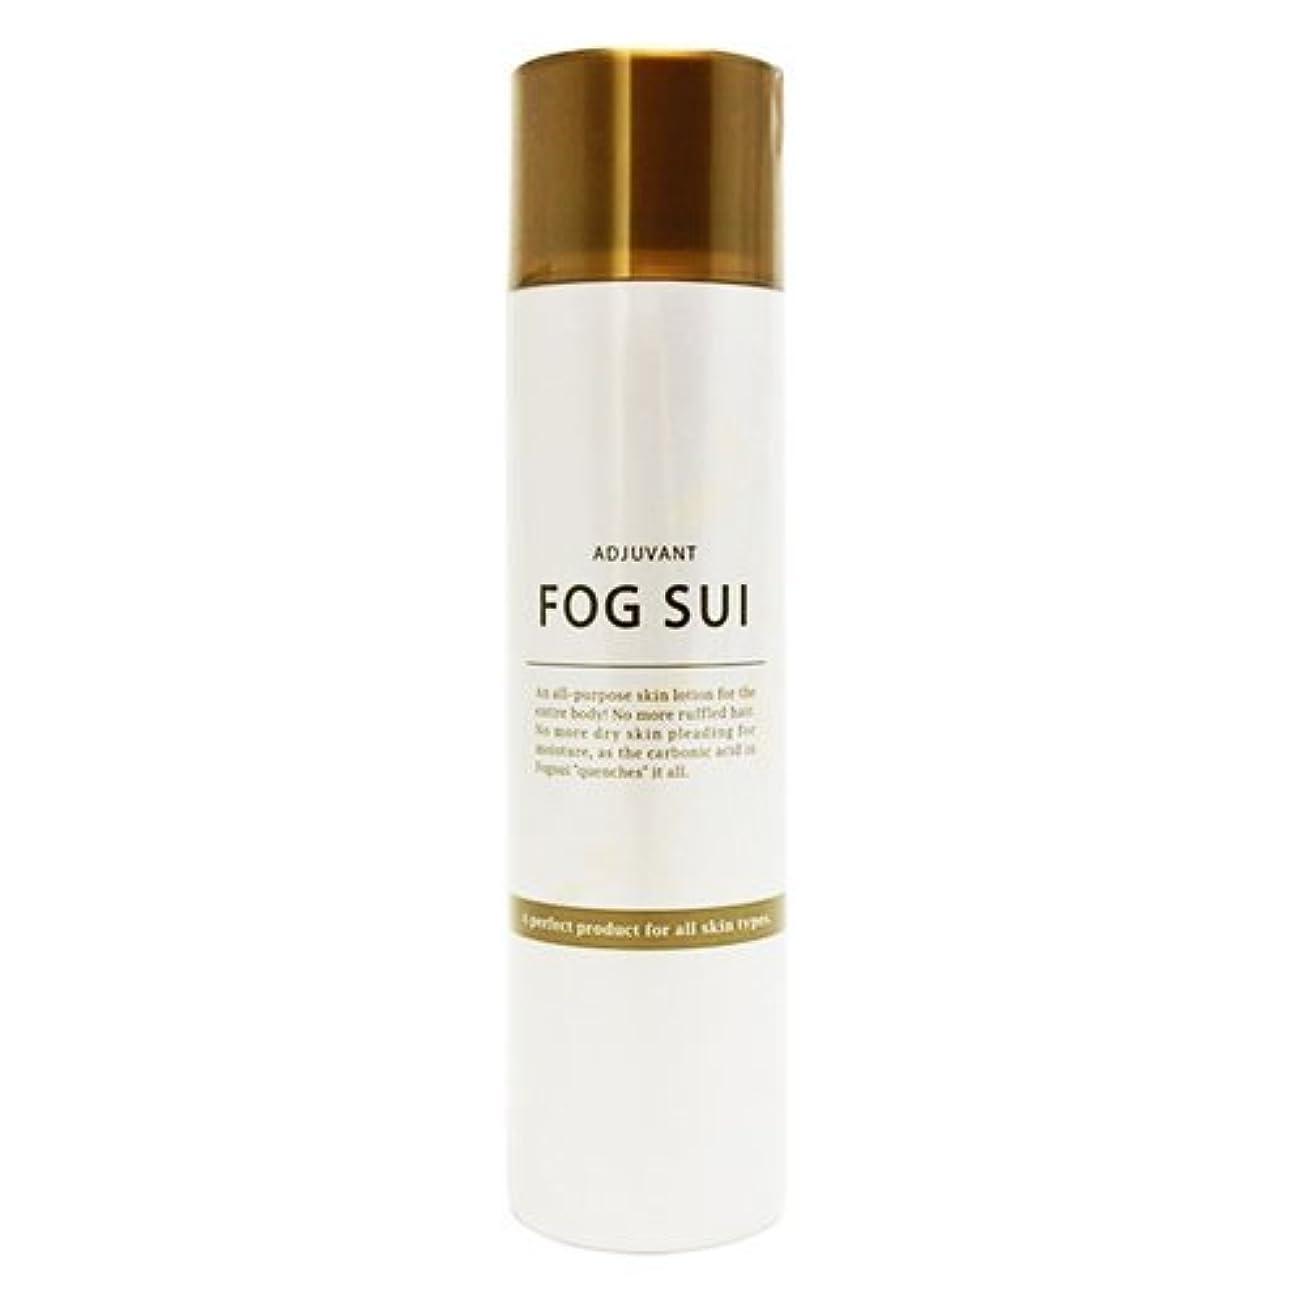 ケープ原子パテアジュバン フォグスイ 【全身用化粧水】 FOGSUI  120g